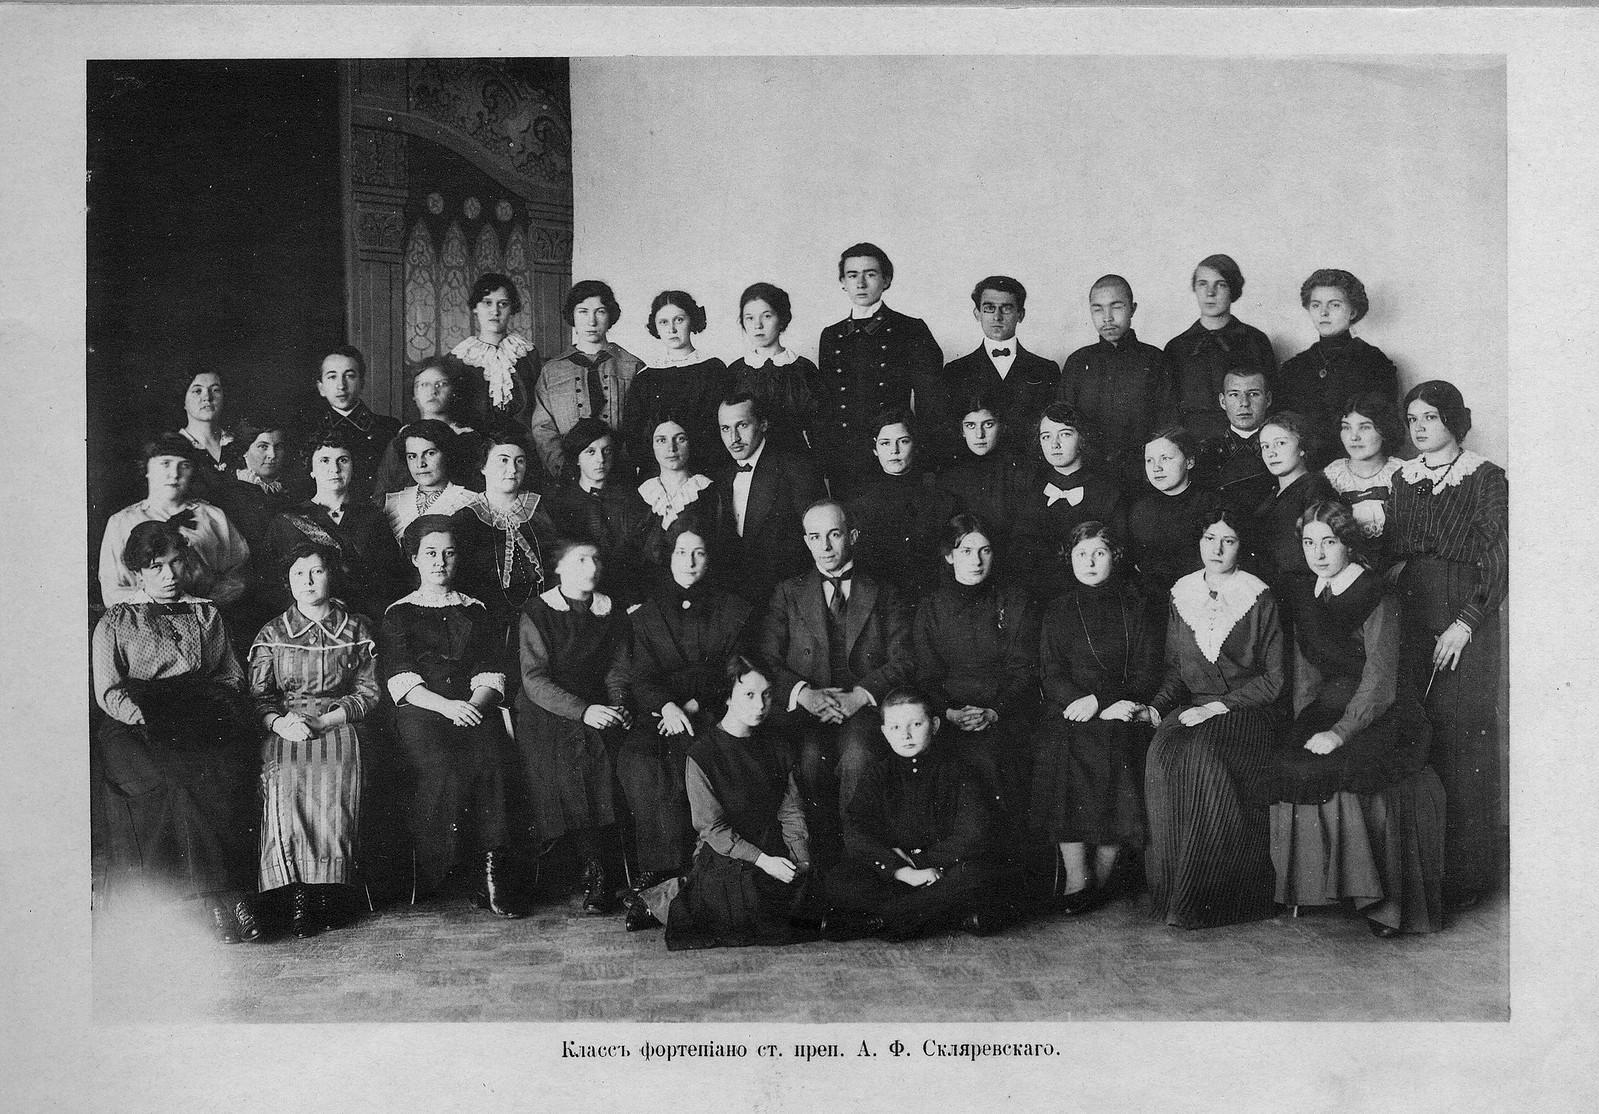 22. Класс фортепиано ст.преп. А.Ф. Скляревского